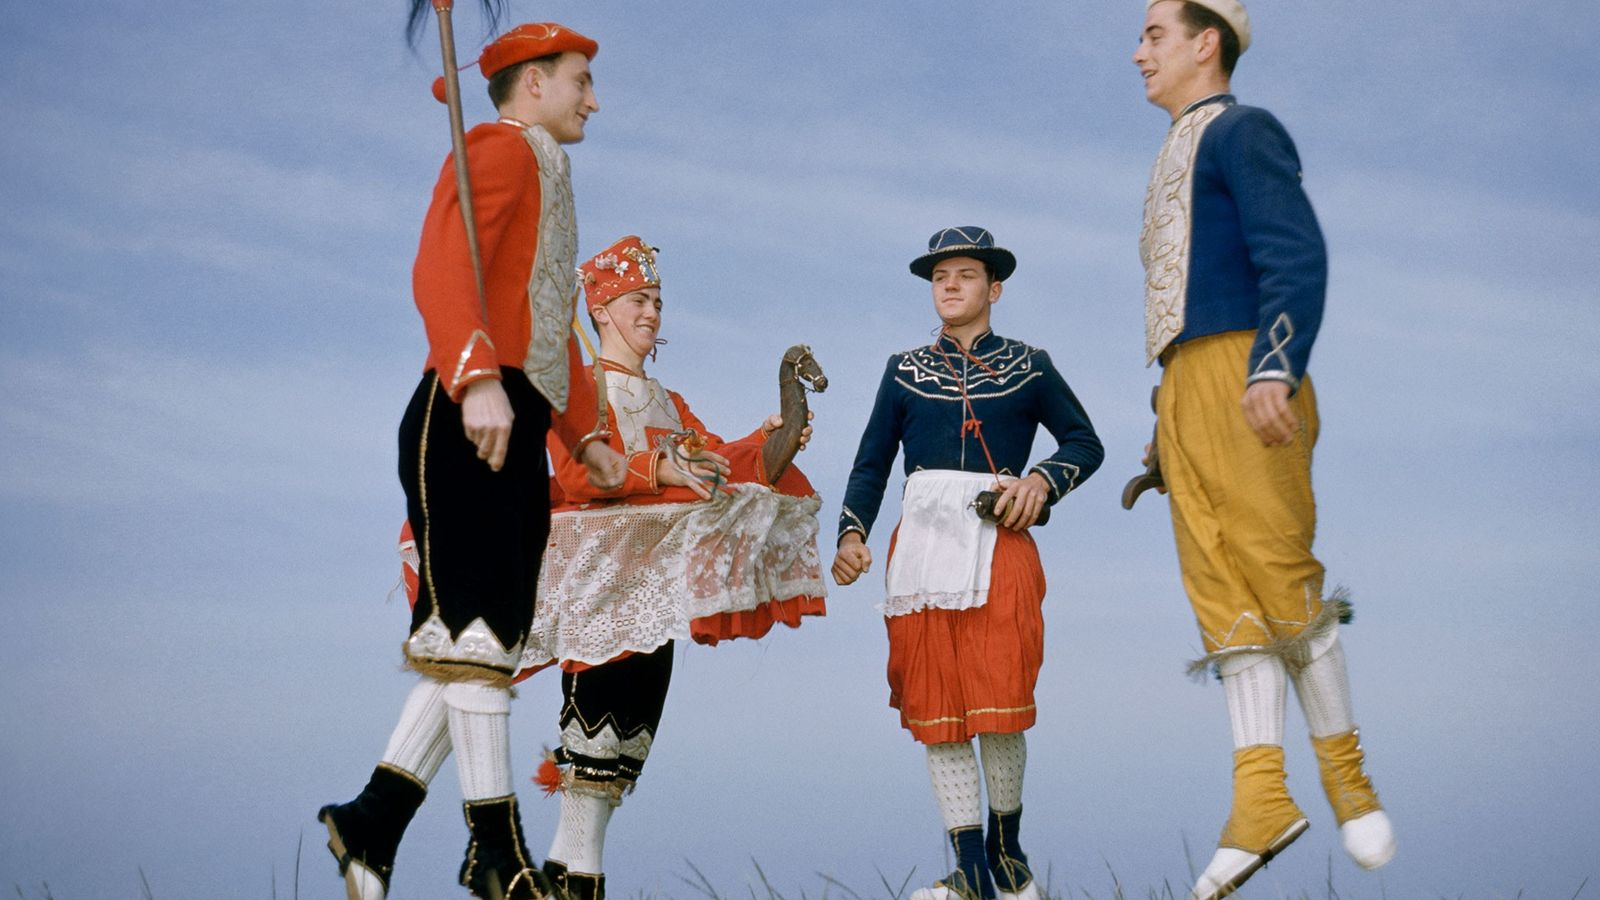 Des danseurs traditionnels basques sautillent dans cette scène immortalisée par National Geographic dans les années 1950.